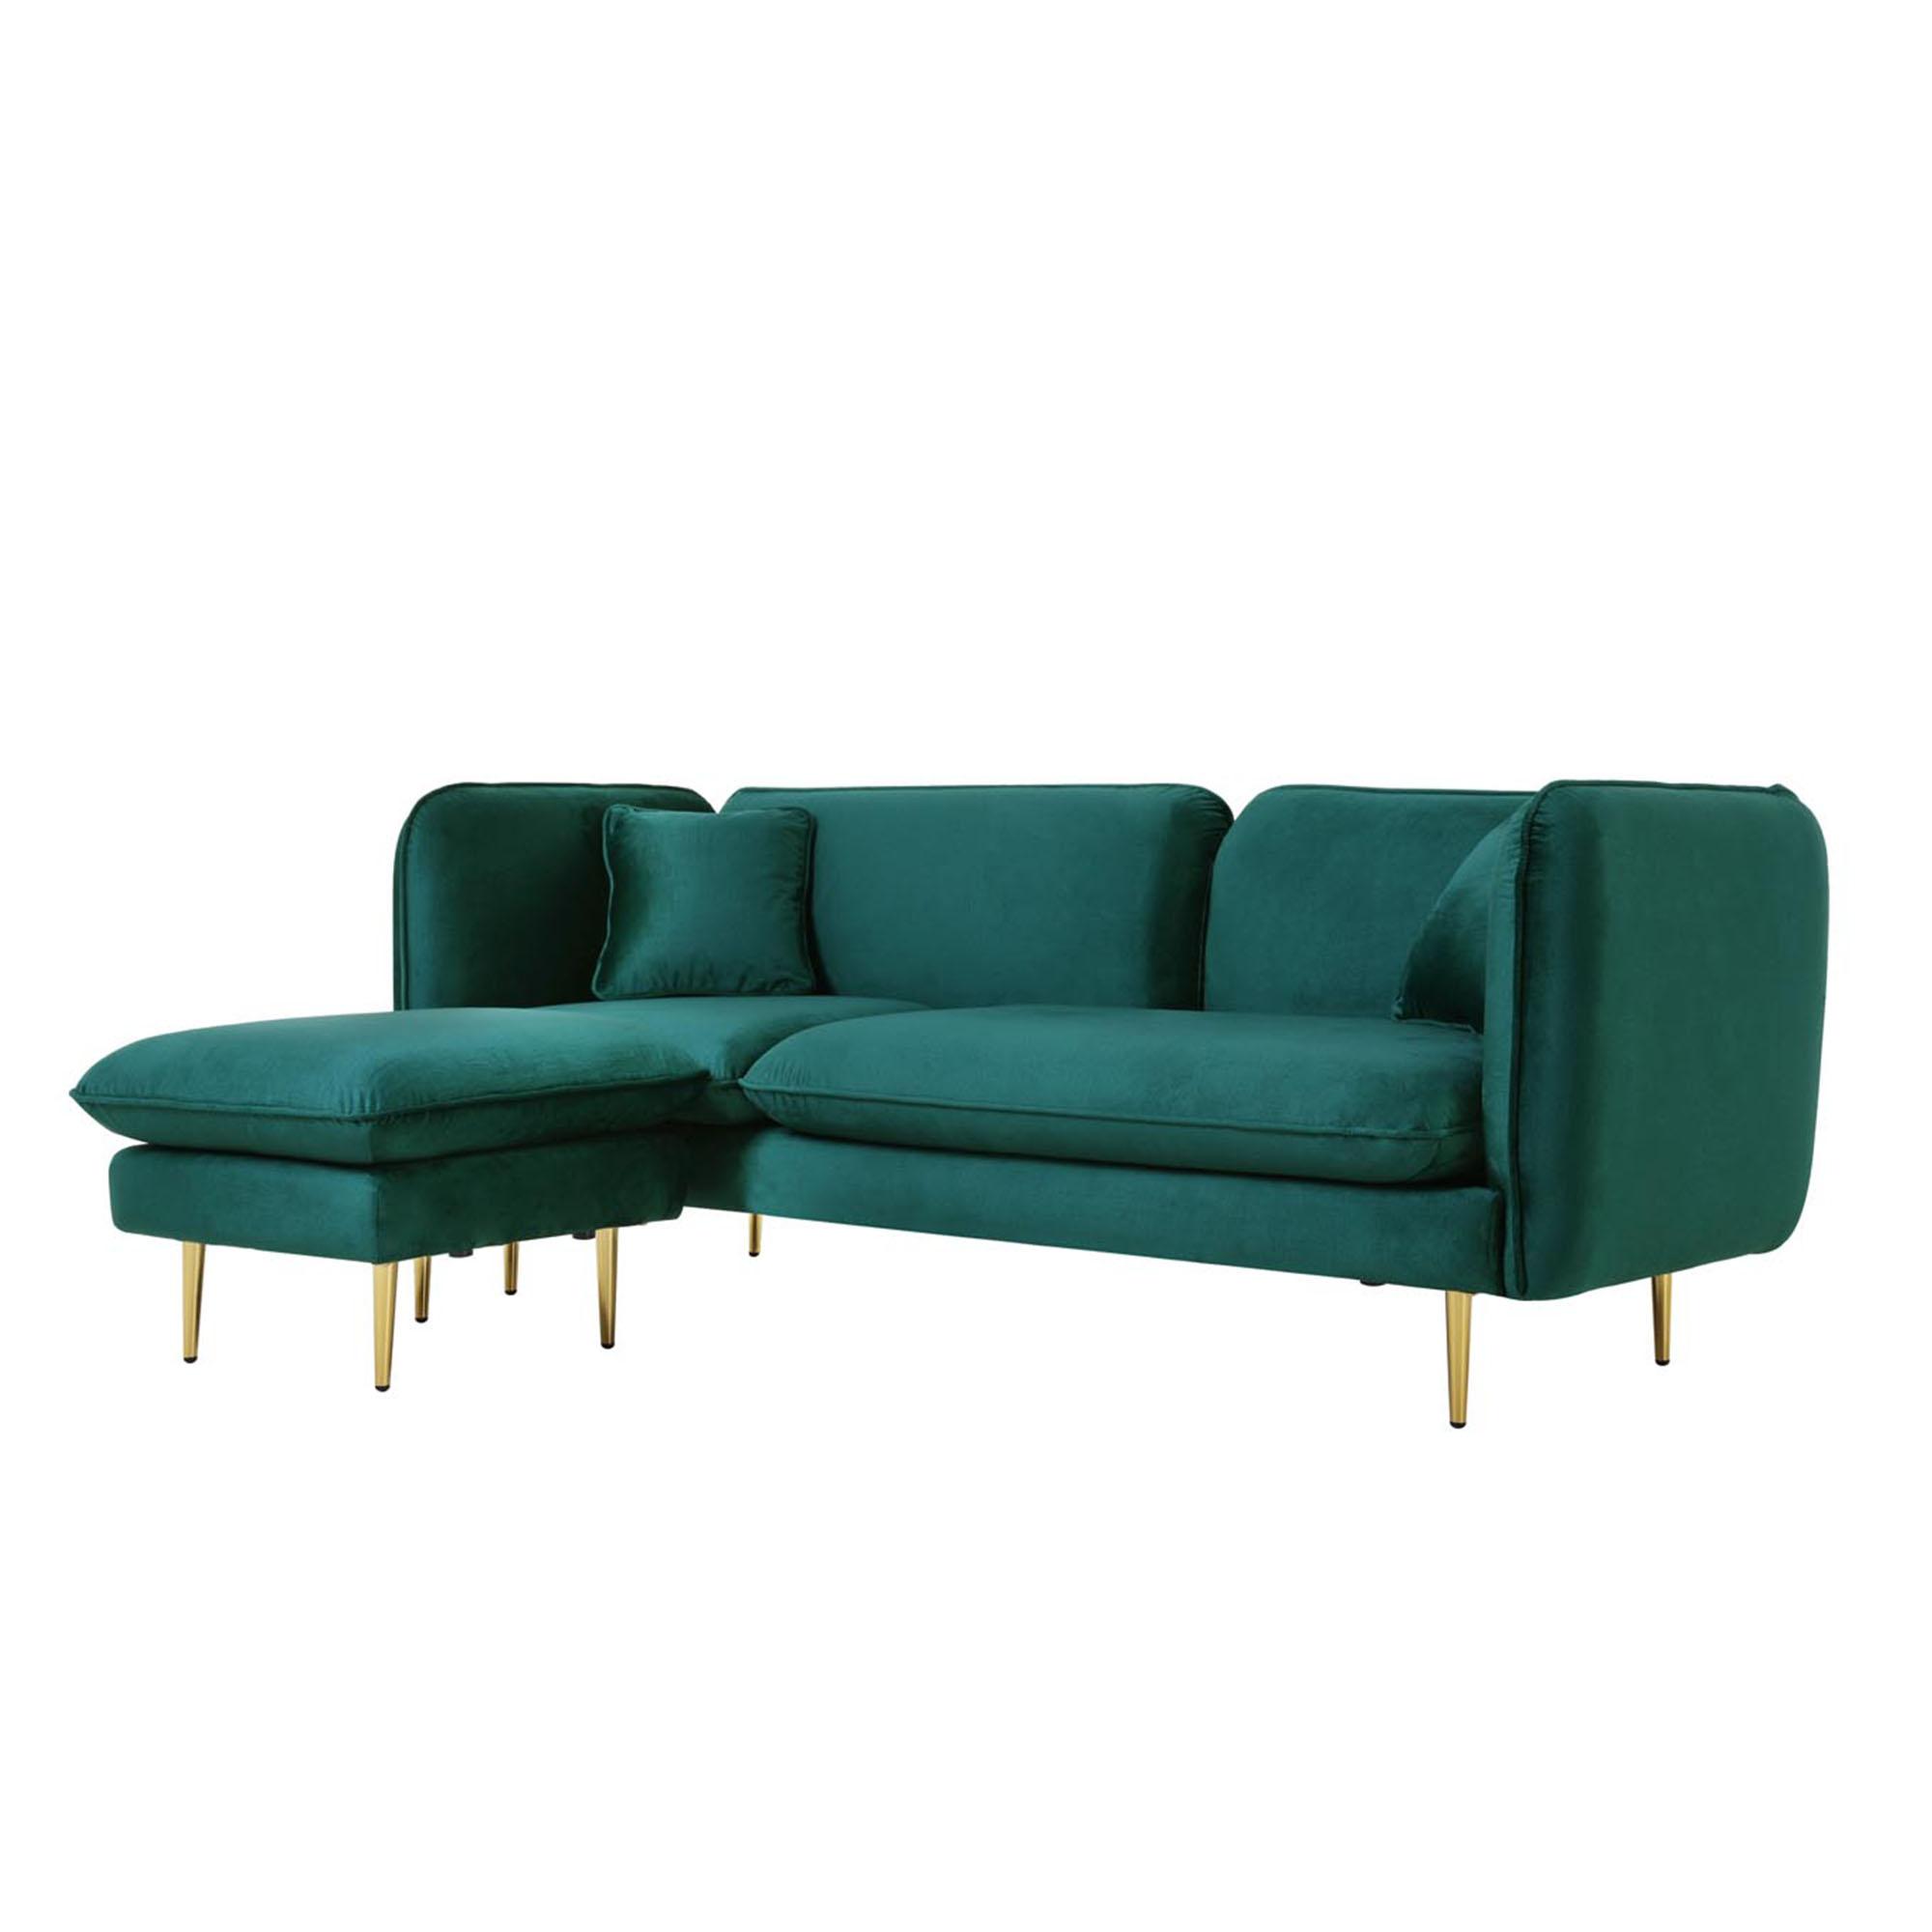 Canapé velours vert émeraude imperméable 3 places + ottoman